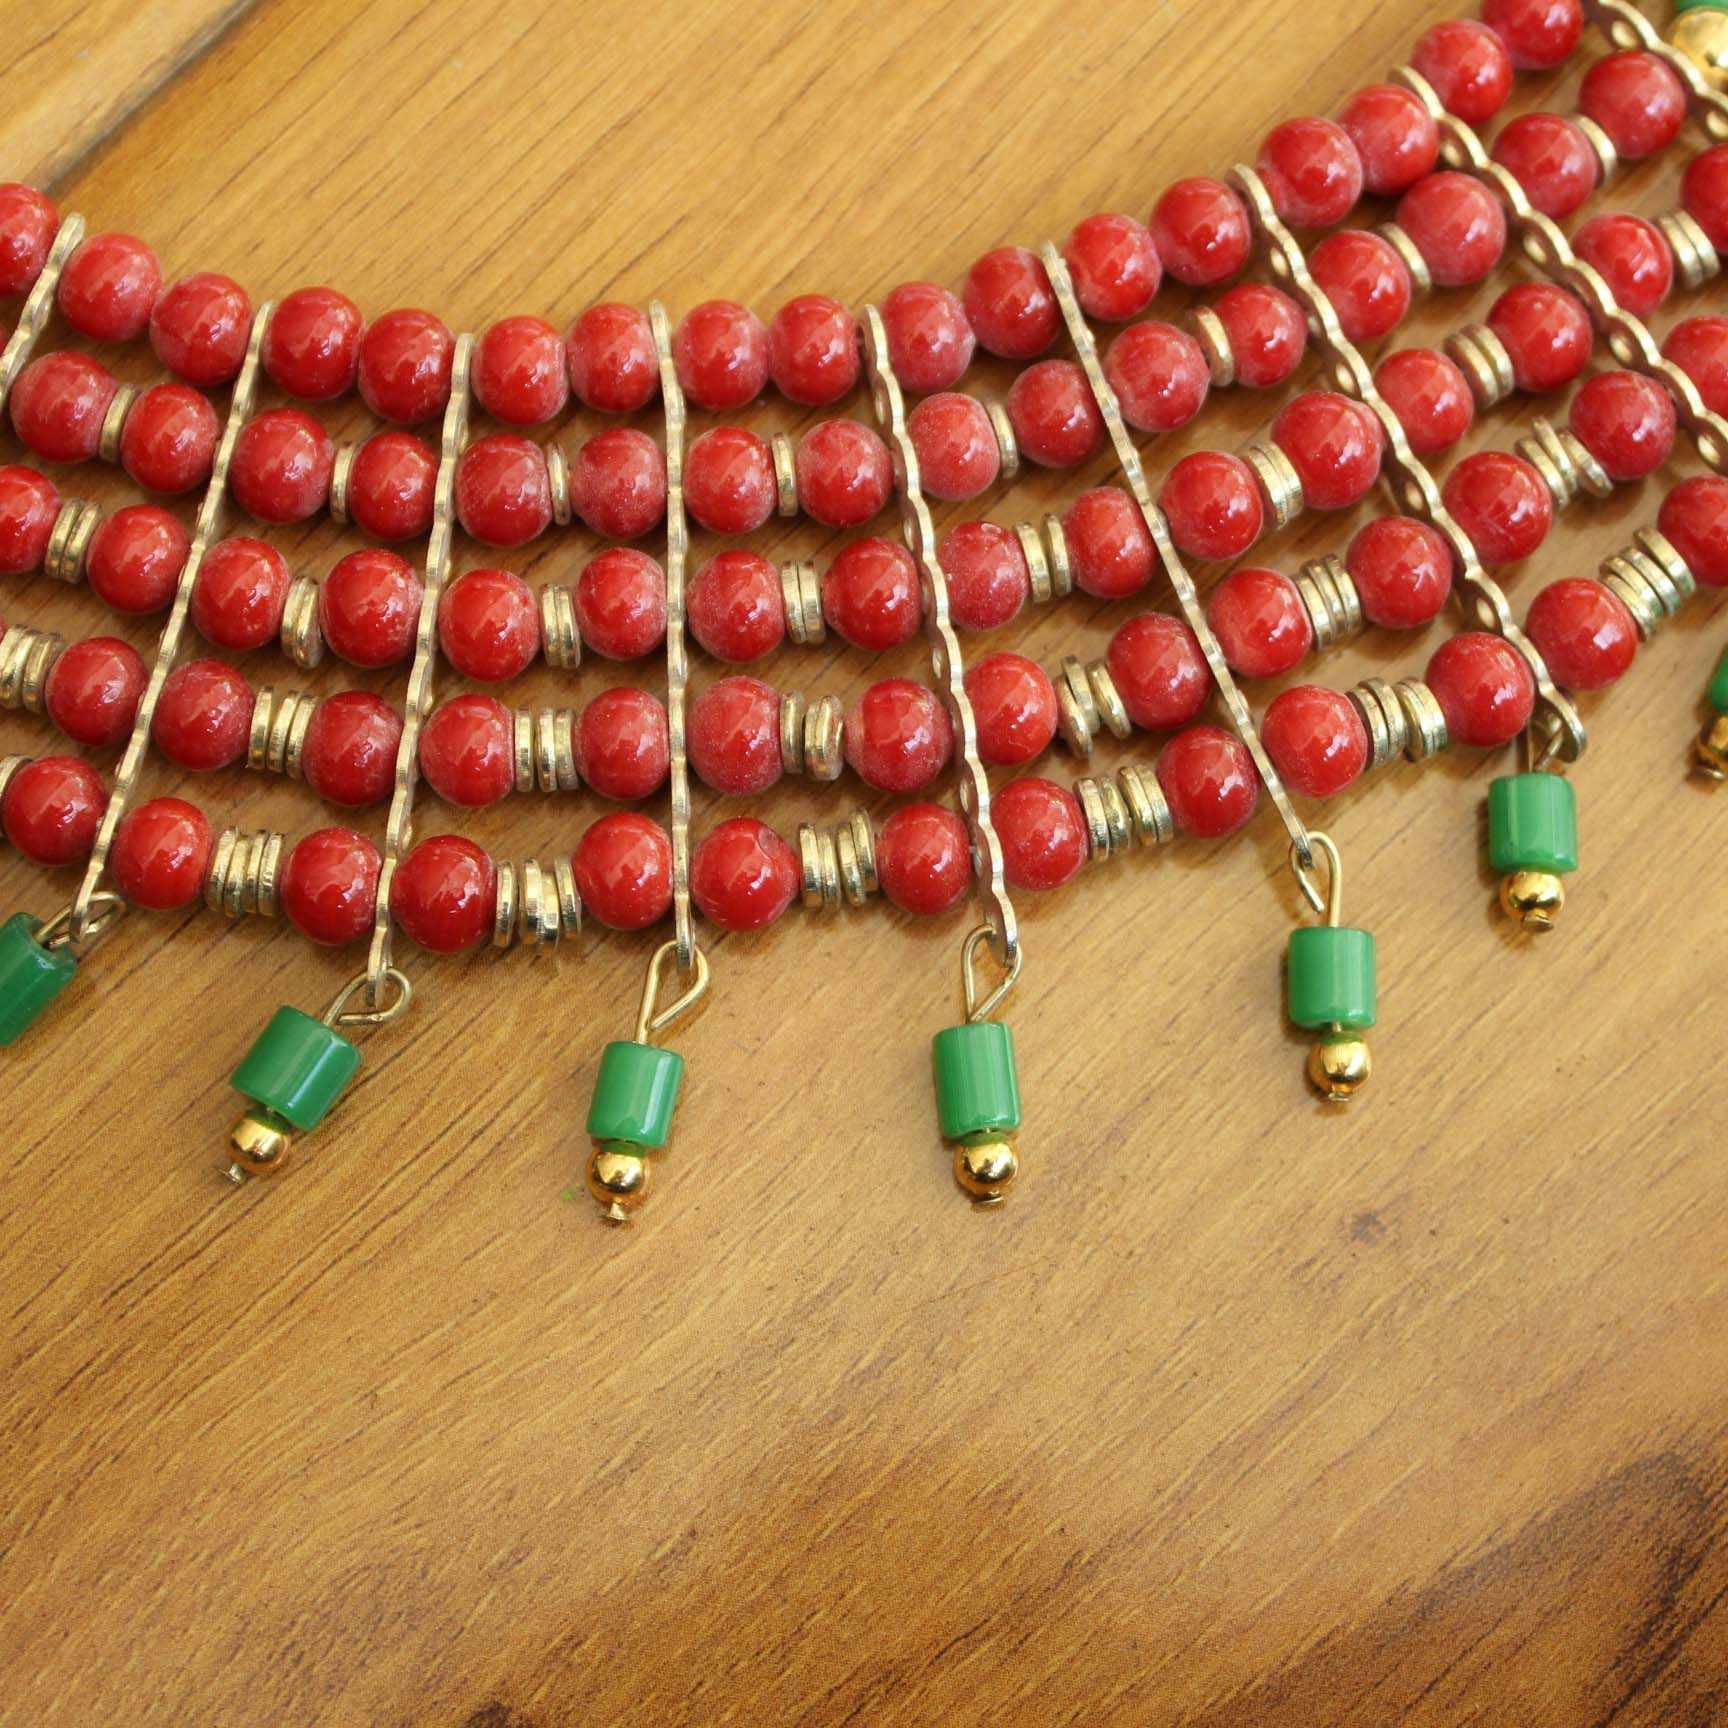 NK220 Tây Tạng Trang Sức 5 Lớp Nhiều Màu Sắc Lampwork Đính Hạt Phong Cách Bohemia Nữ Vòng Cổ Từ Nepal